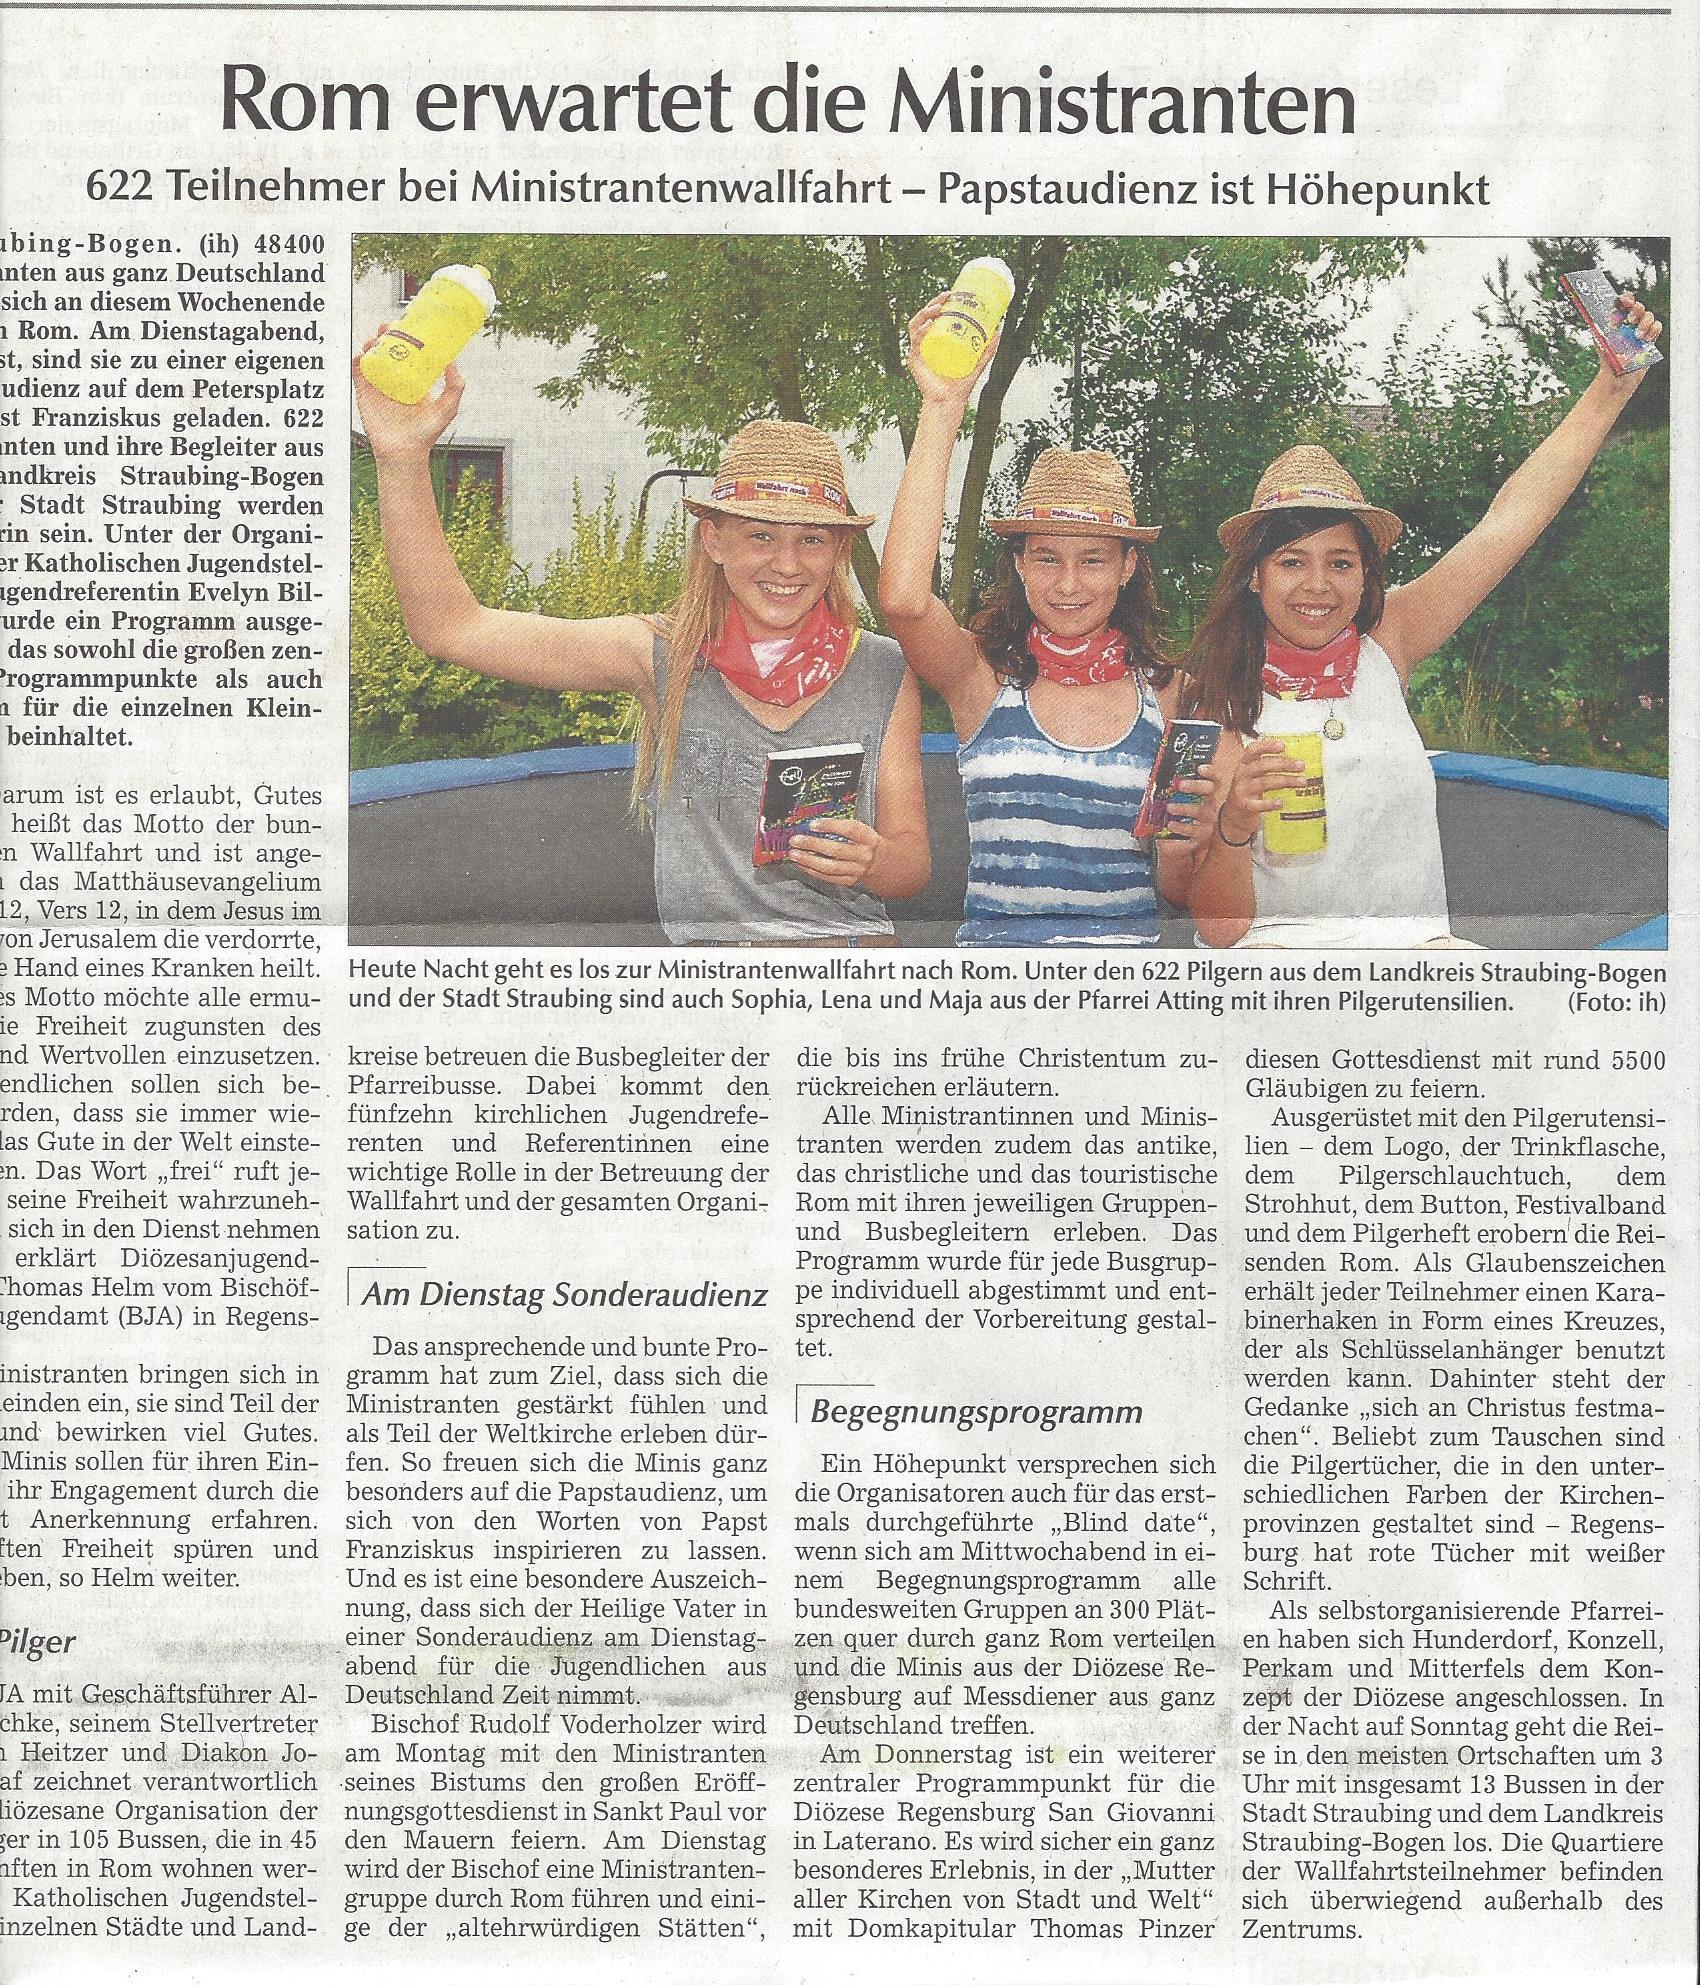 presseartikel_attinger_ministranten_wallfahren_mit_Diözese_nach_Rom